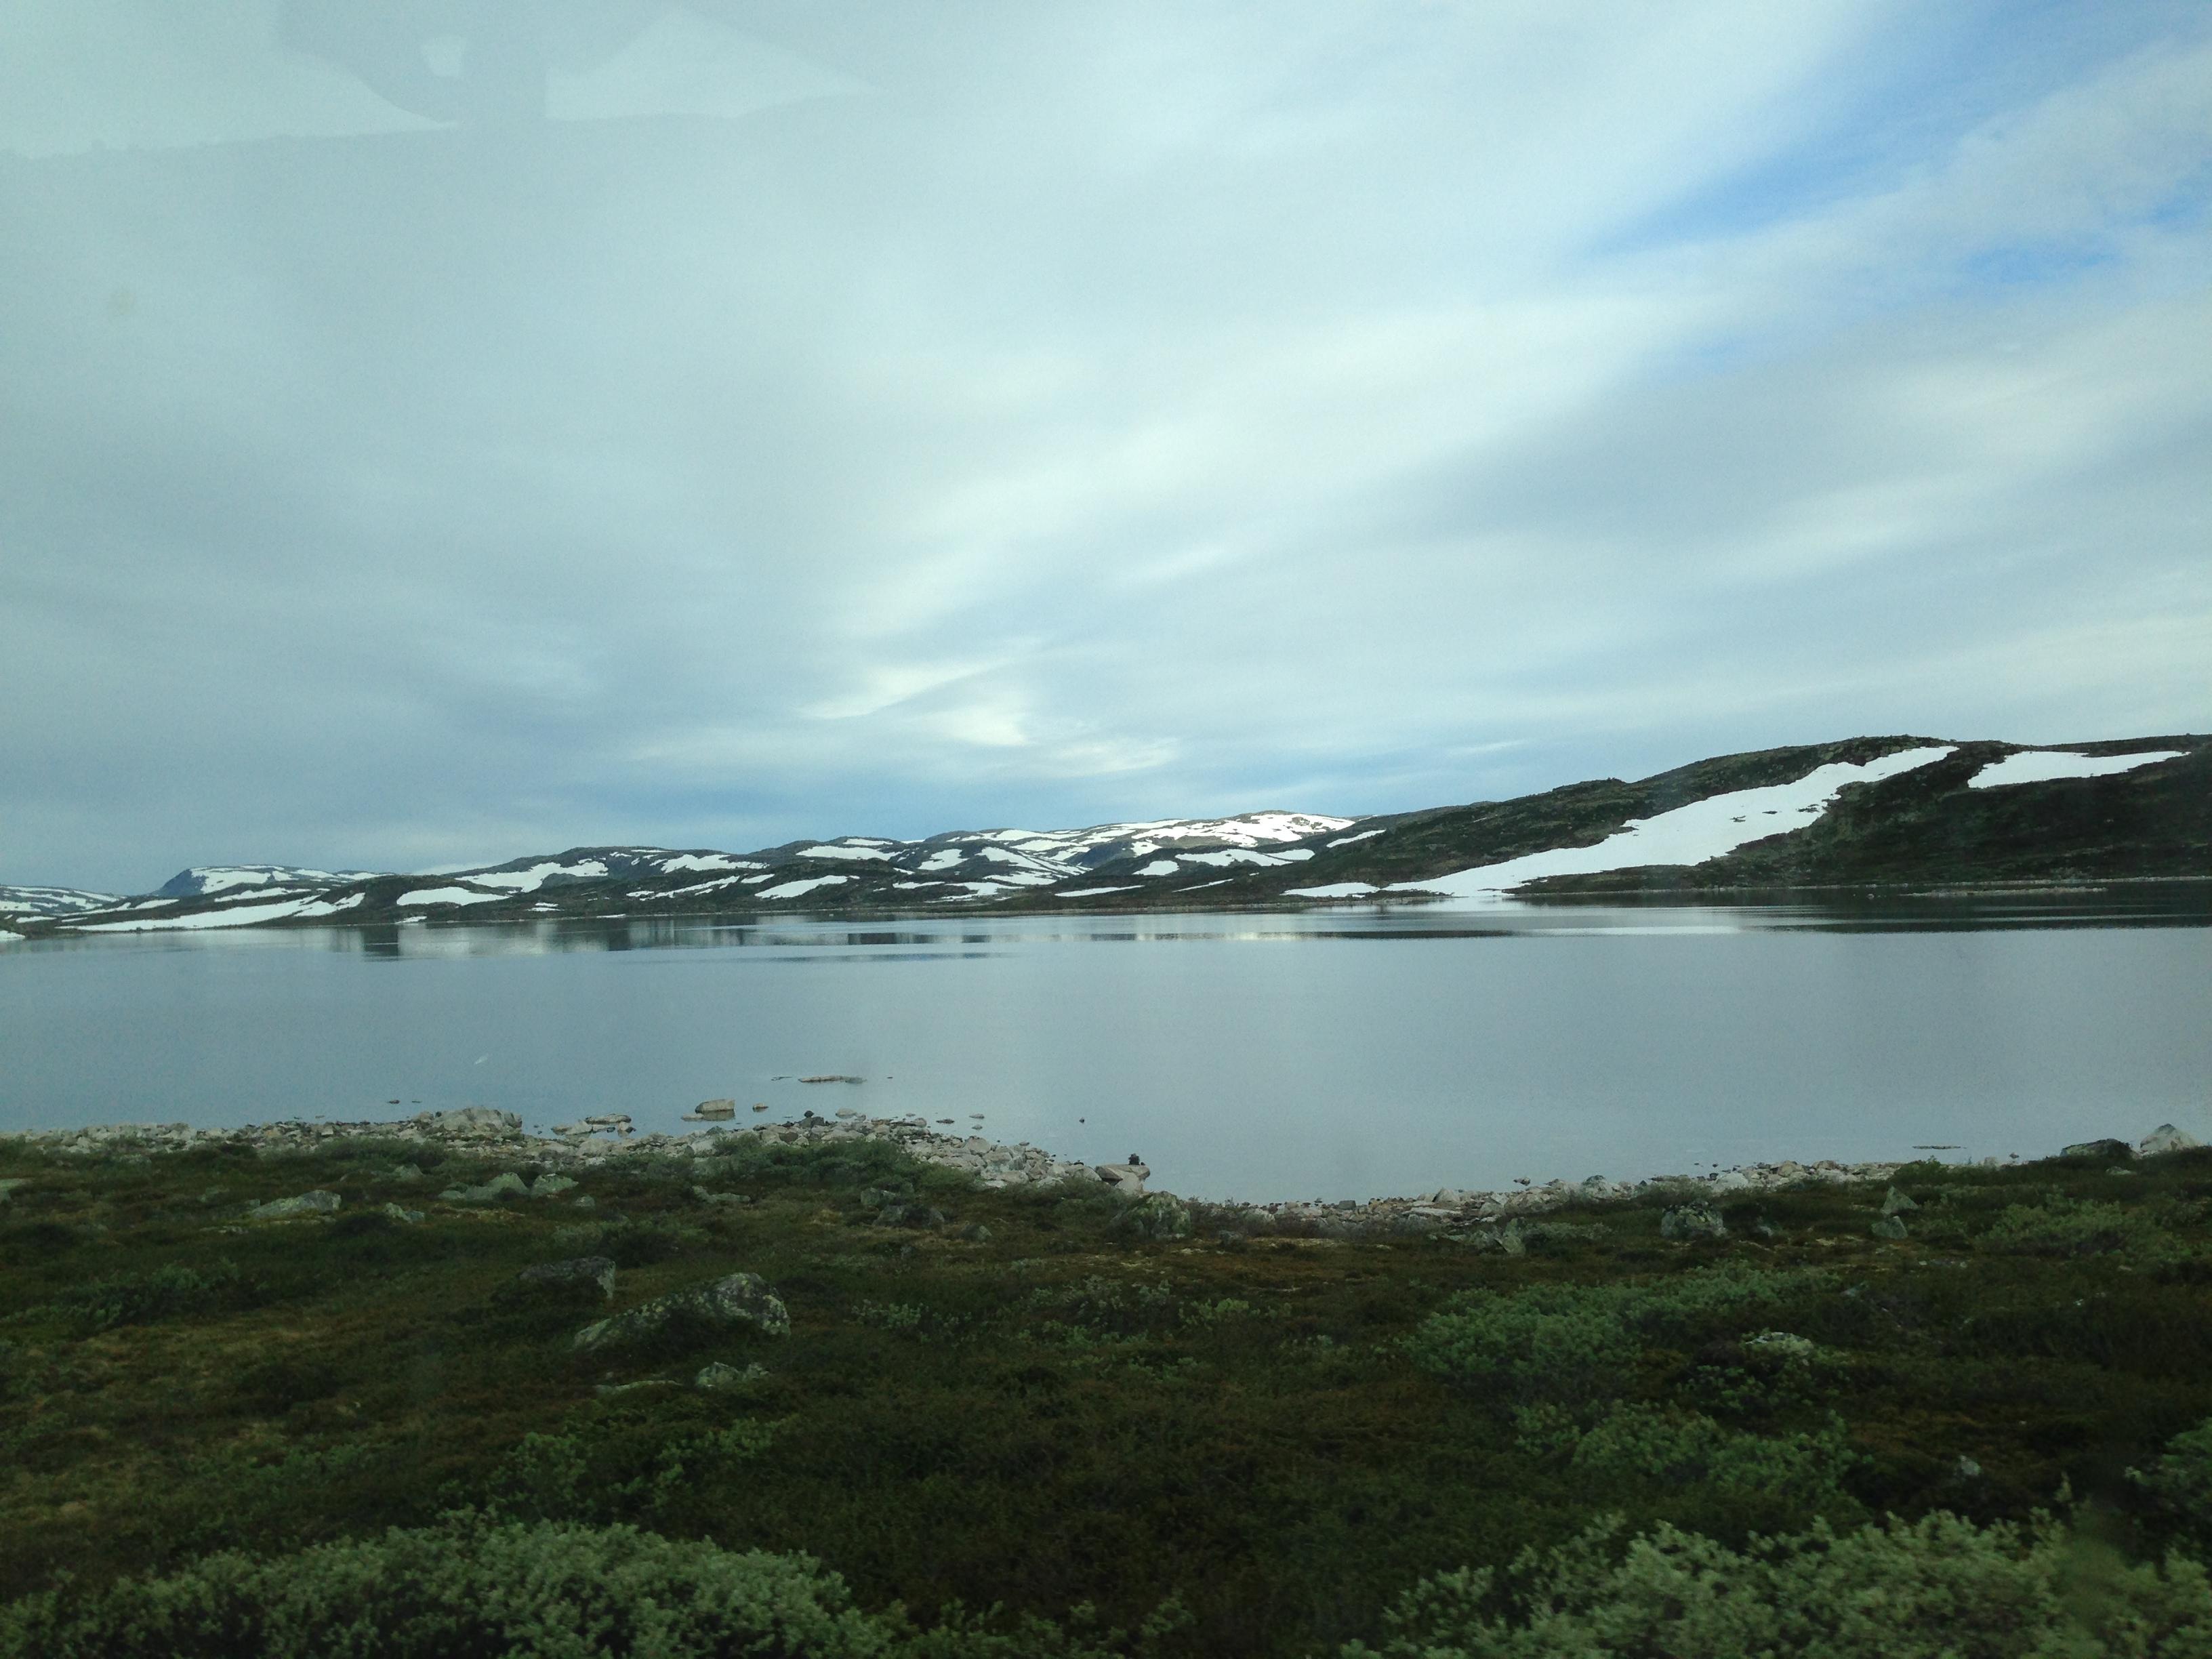 norwegen-08-2015-003